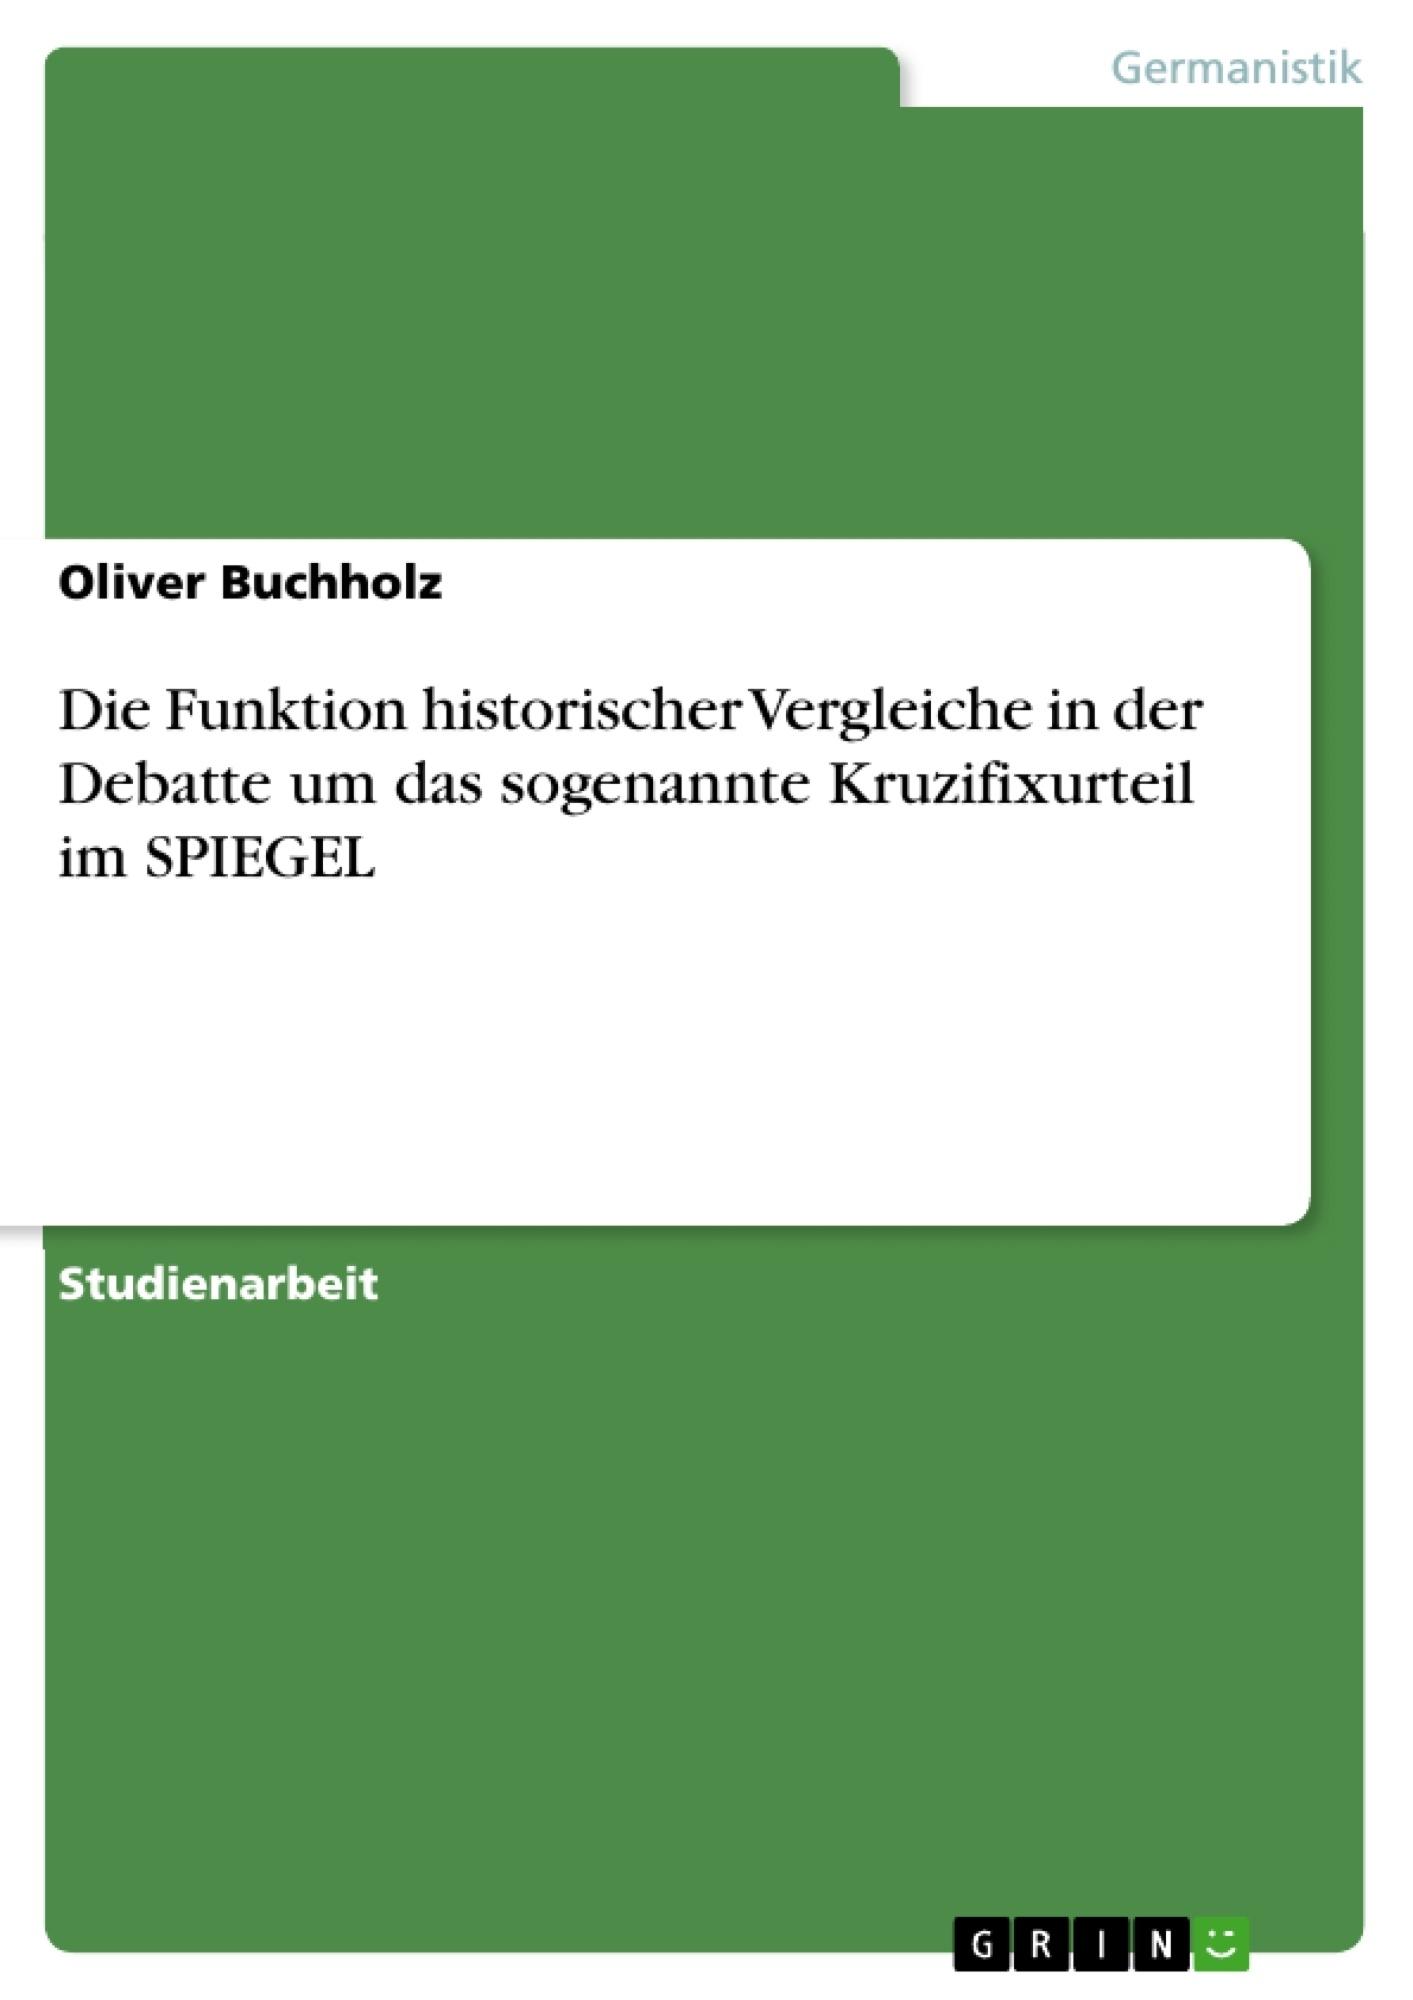 Titel: Die Funktion historischer Vergleiche in der Debatte um das sogenannte Kruzifixurteil im SPIEGEL